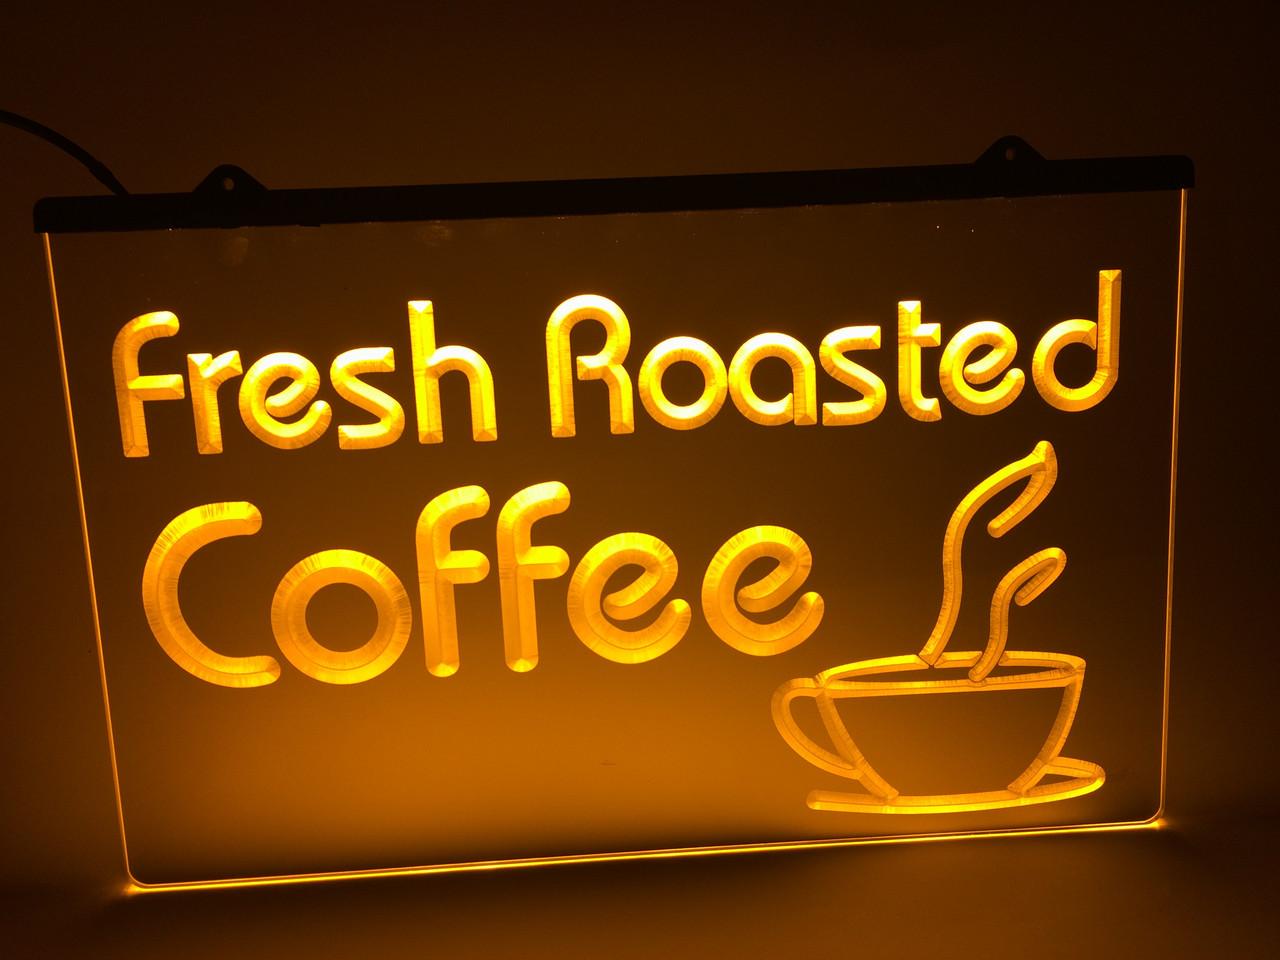 Светодиодная Лед вывеска Свежая обжарка кофе (Fresh Roasted Coffe) Желтая